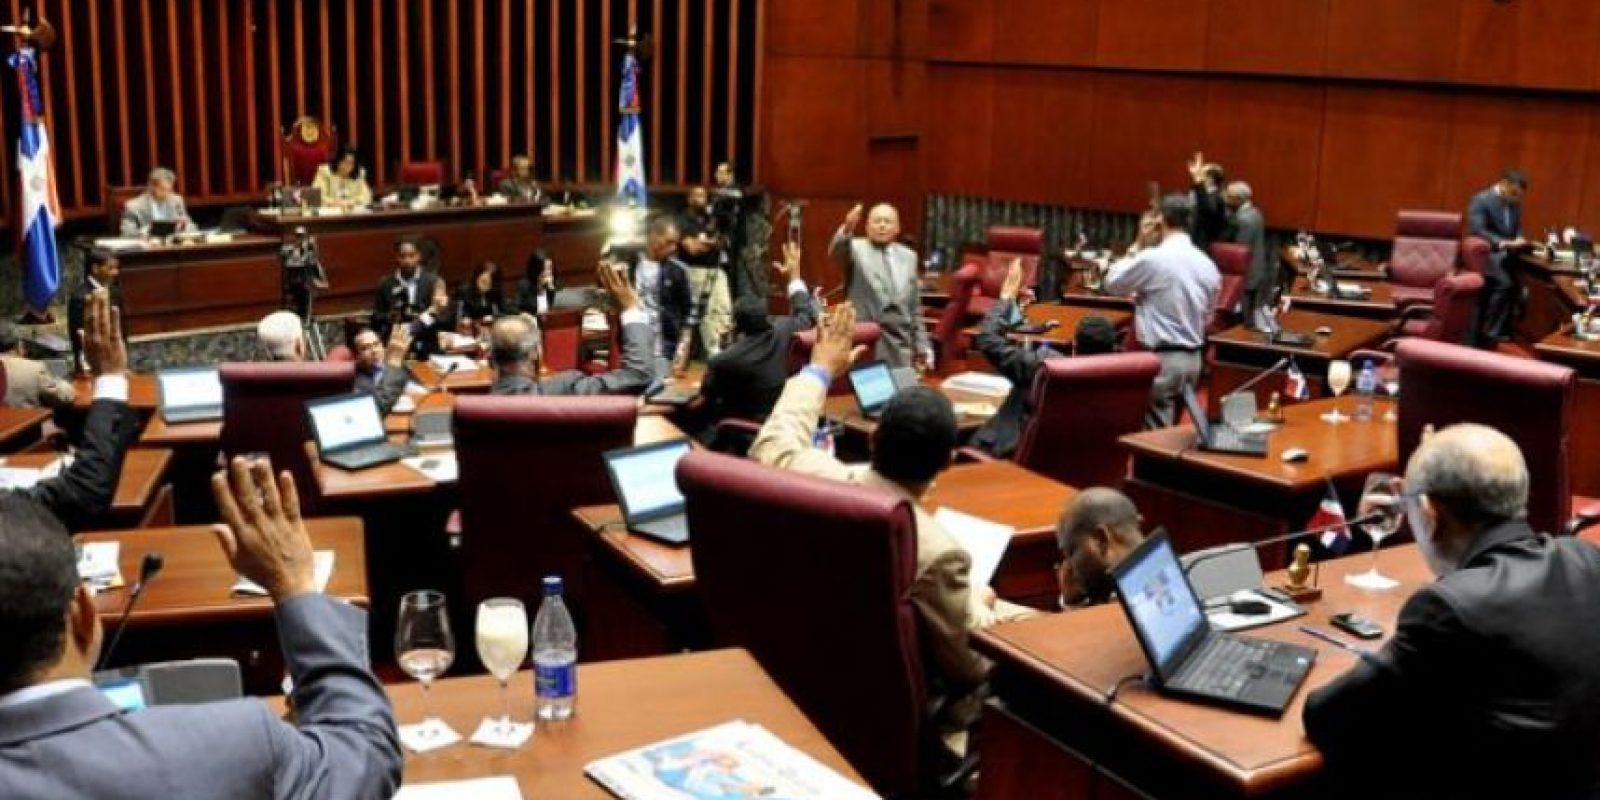 Aún no ha sido revelados los nombres de los congresitas que recibieron el soborno Foto:Fuente Externa